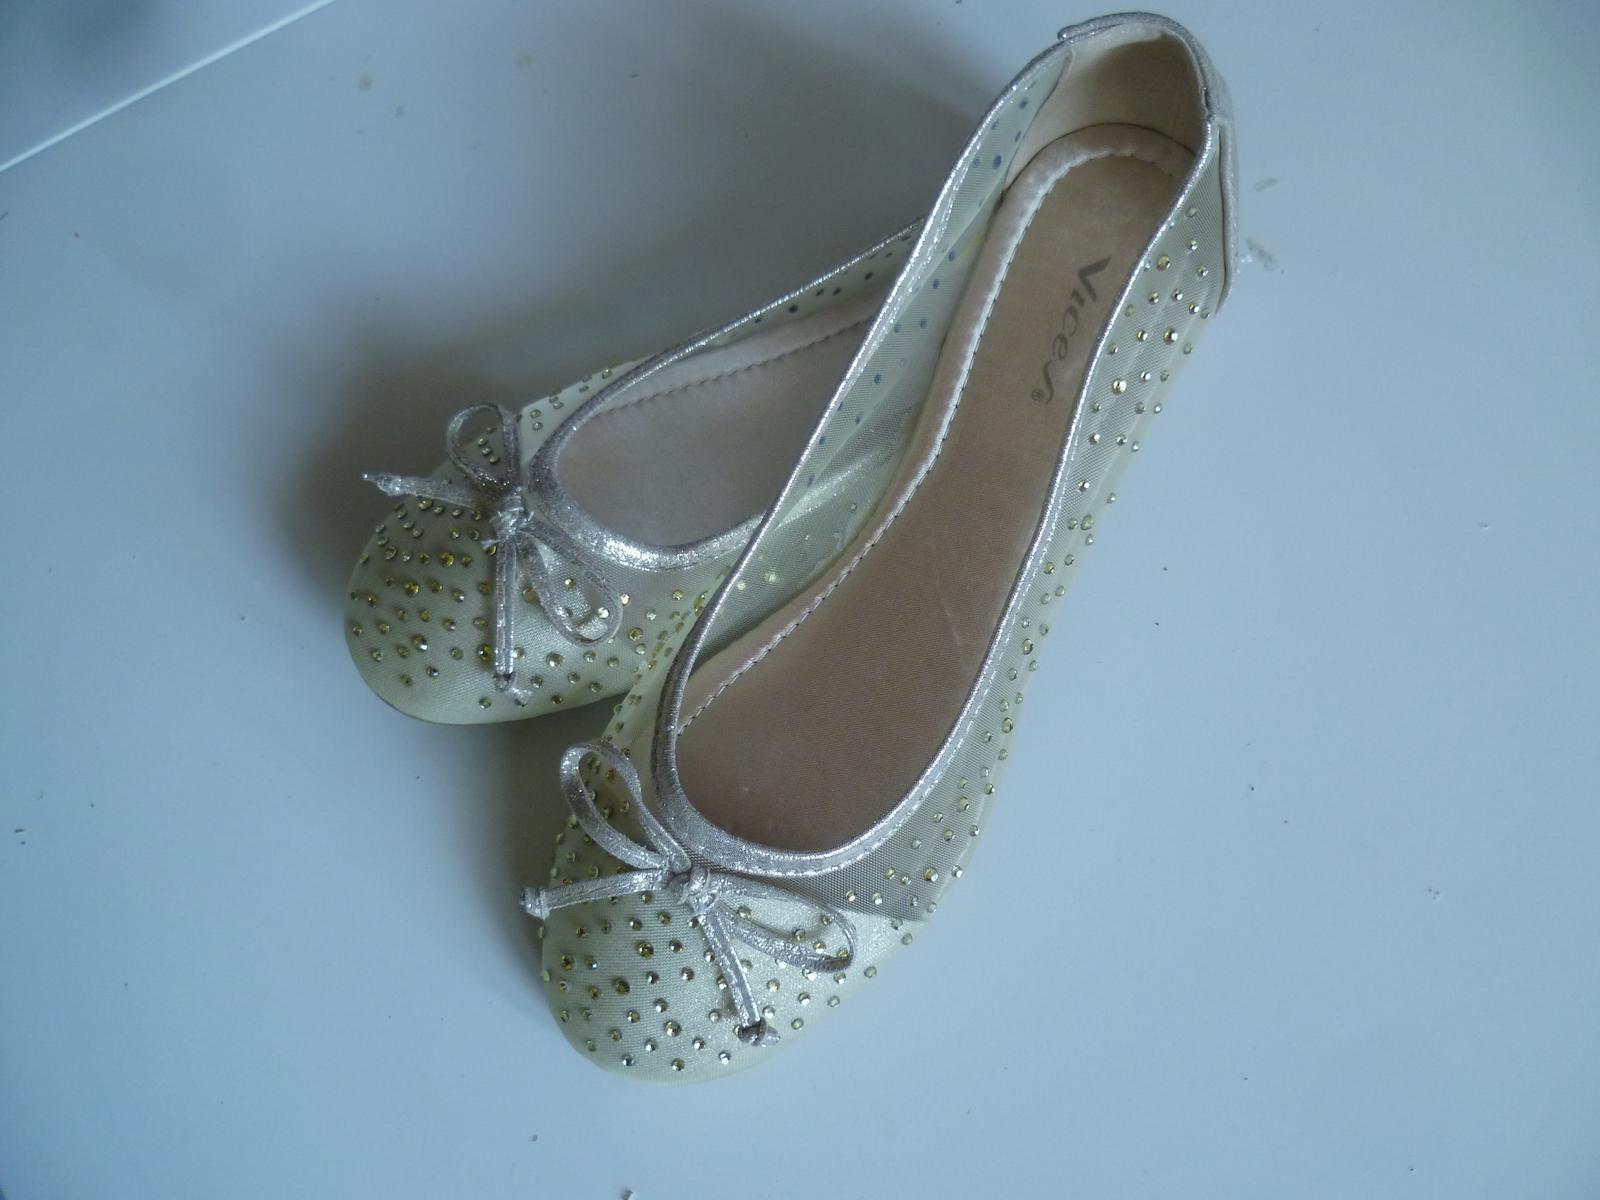 Svatební boty baleríny balerínky zlaté s kamínky - Obrázek č. 1